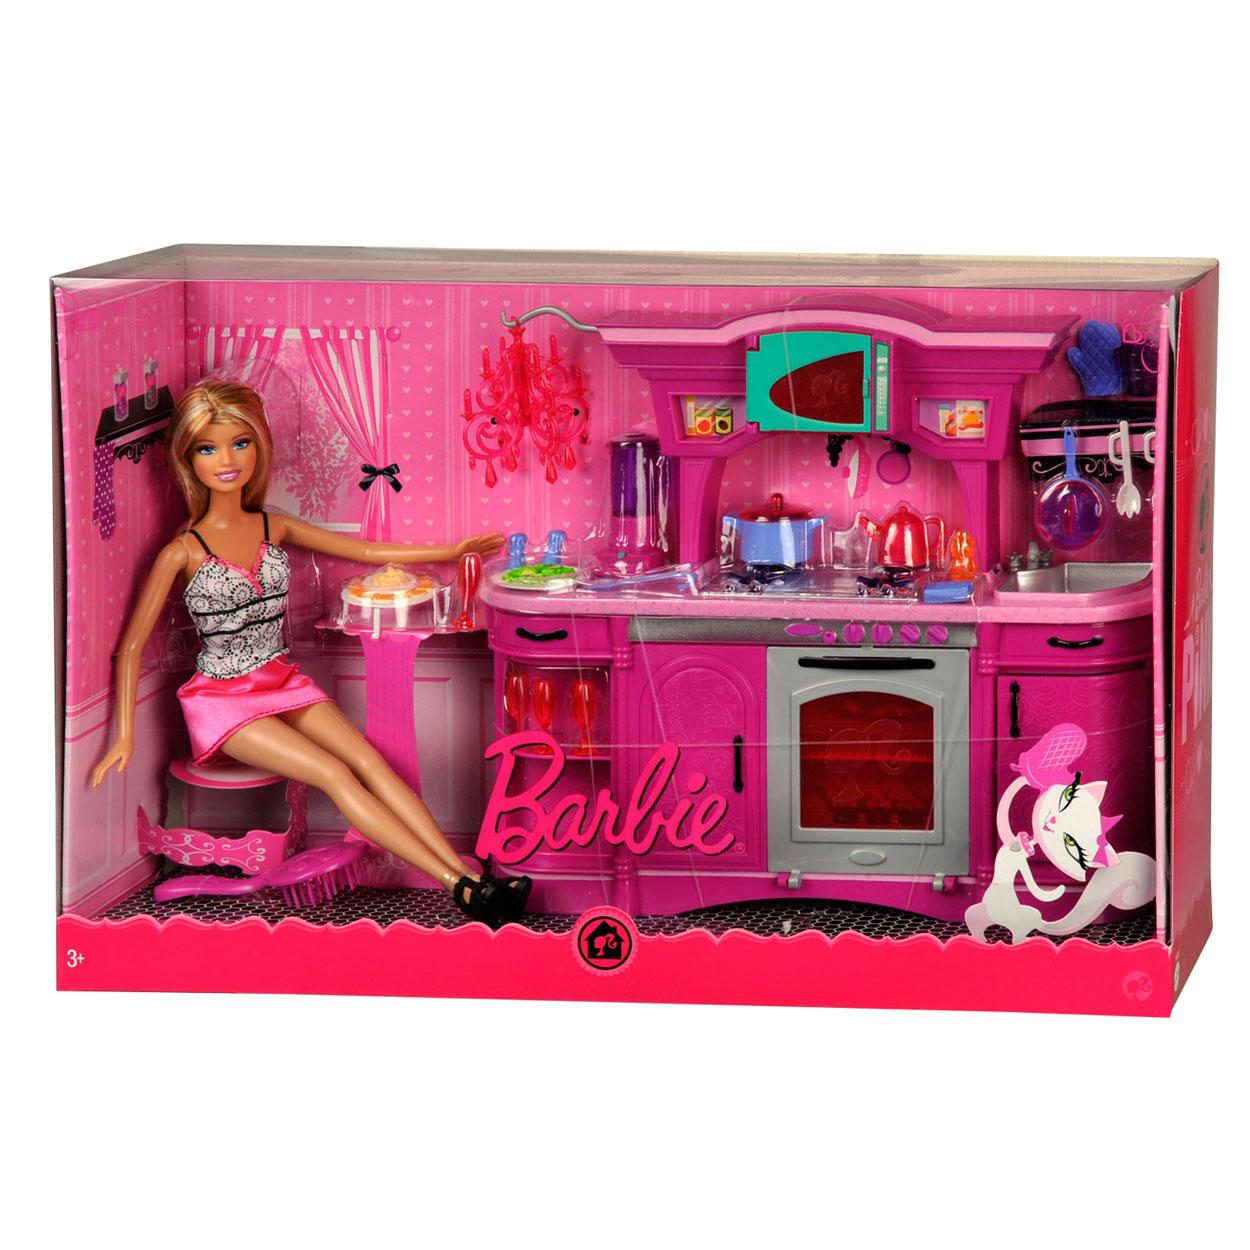 Barbie Meubels en Pop